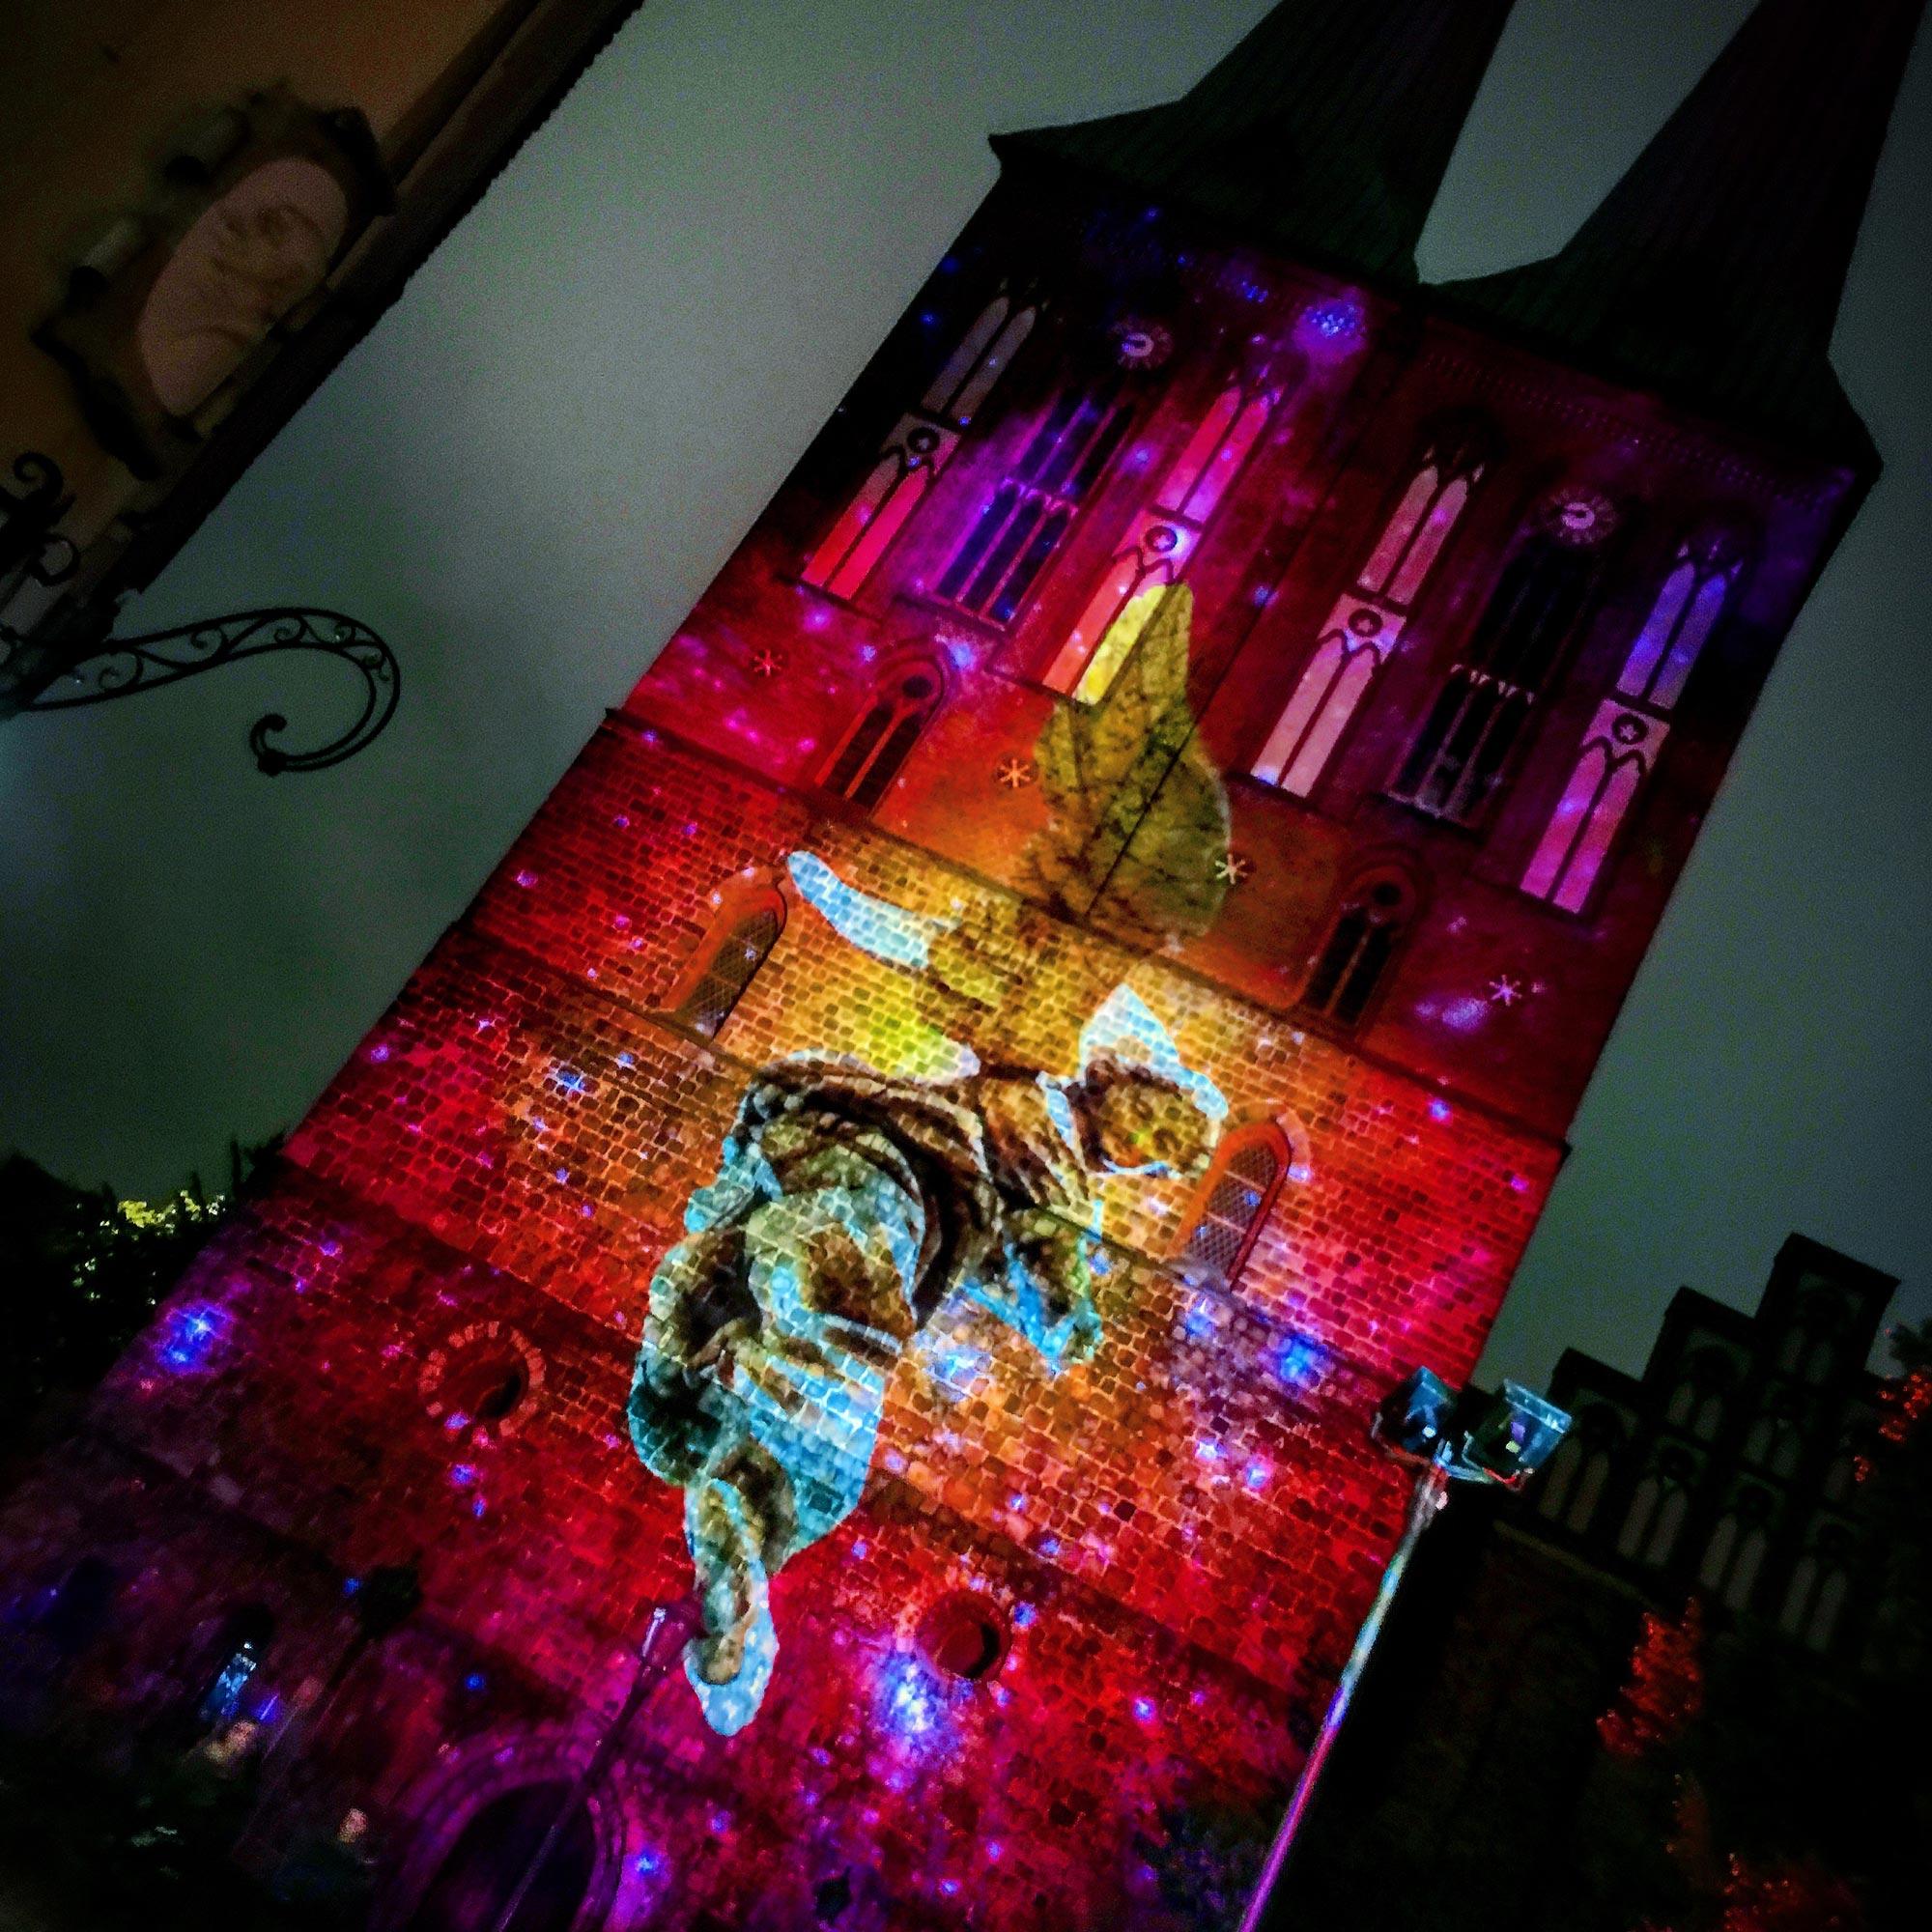 Festival of Lights Nikolaiviertel